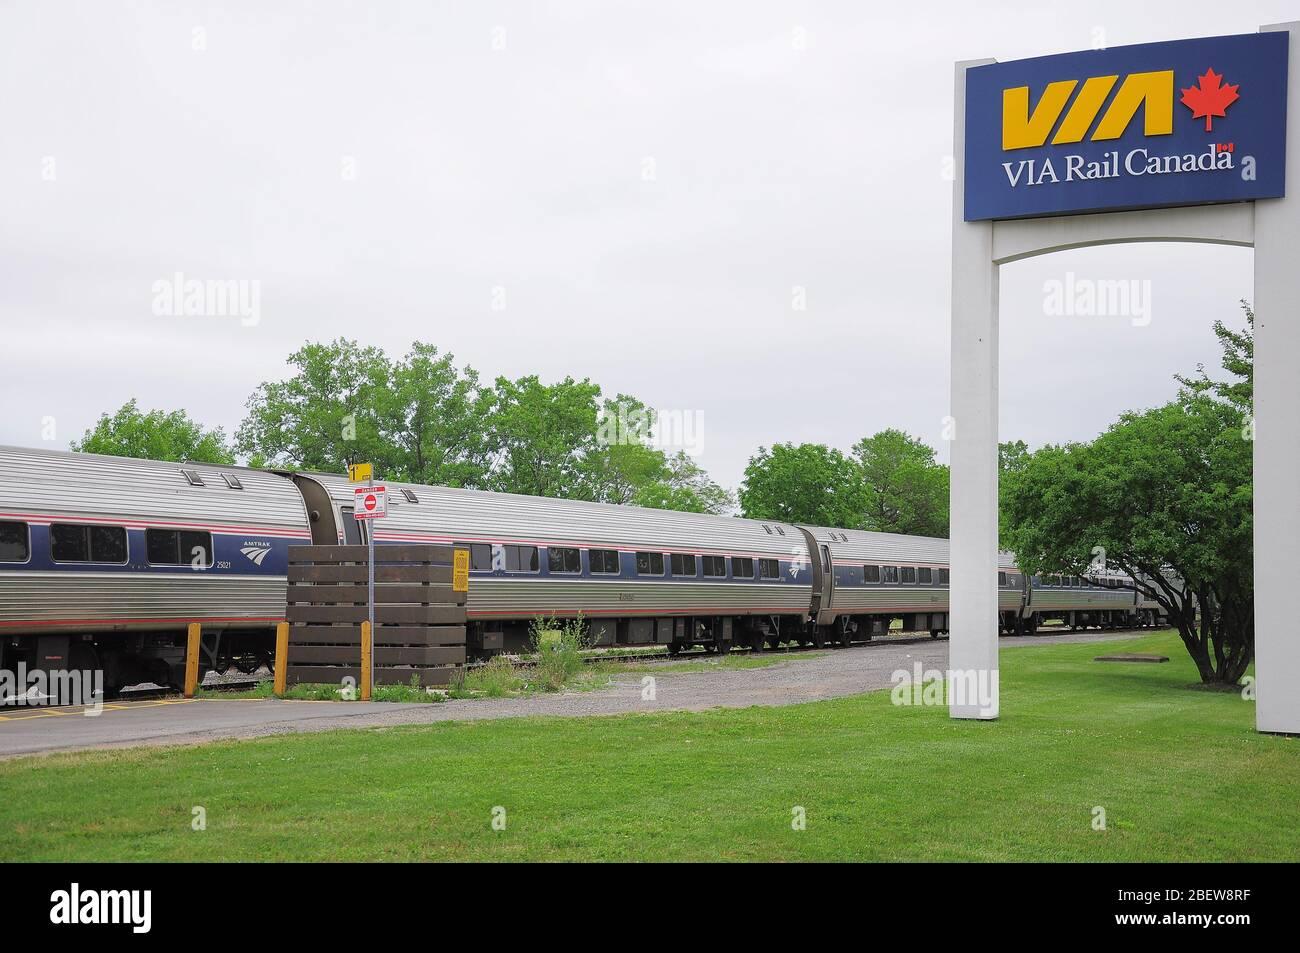 Via Rail Canada Sign Fotos E Imágenes De Stock Alamy